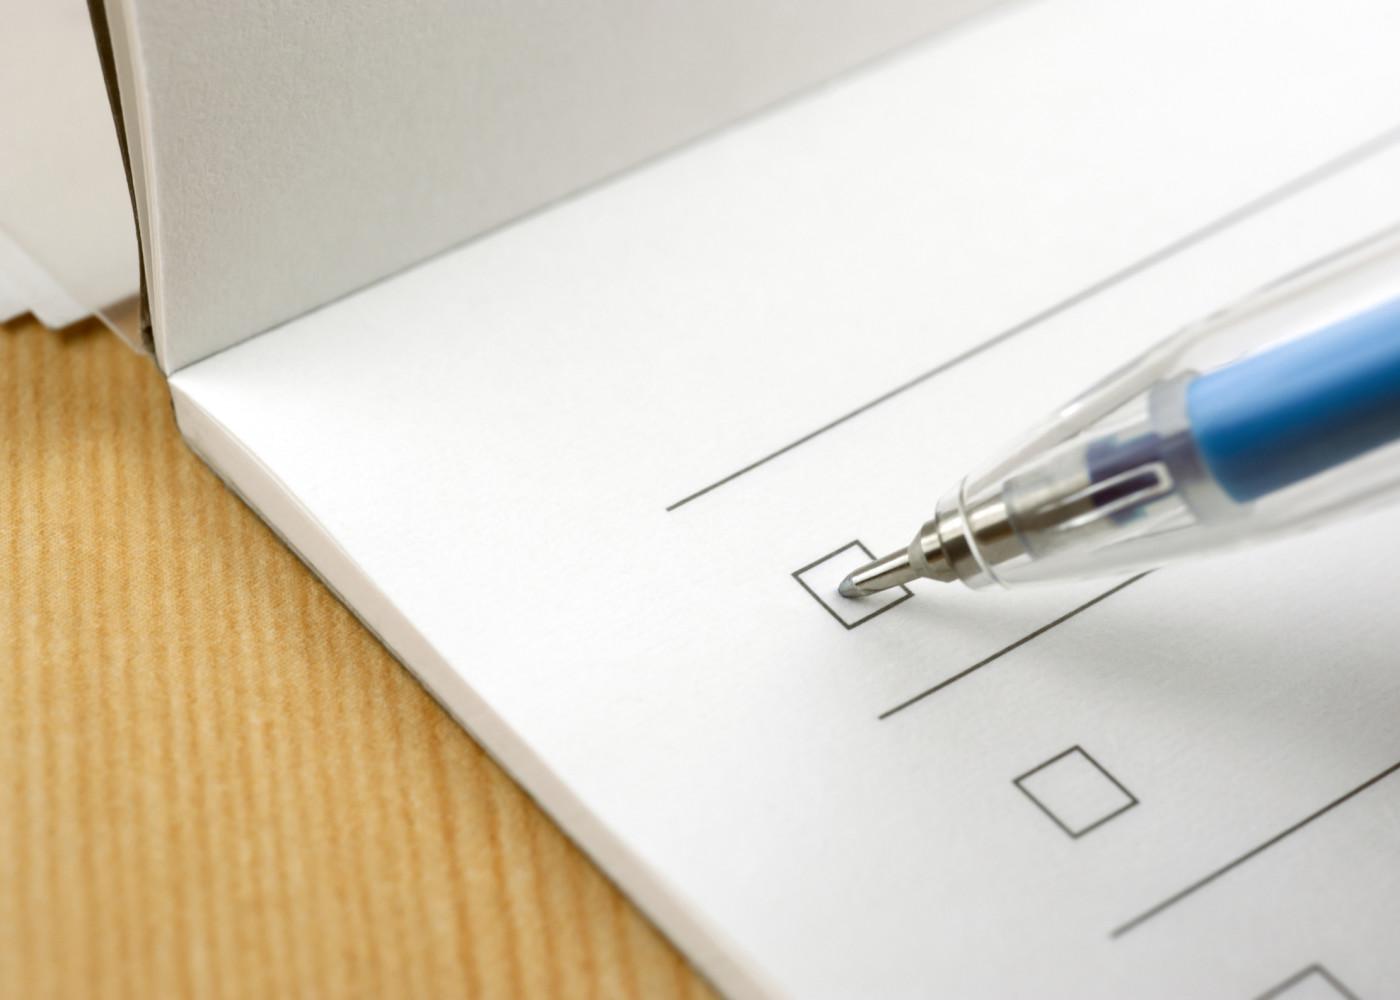 ummelden nach dem umzug pdf checkliste gratis downloaden. Black Bedroom Furniture Sets. Home Design Ideas